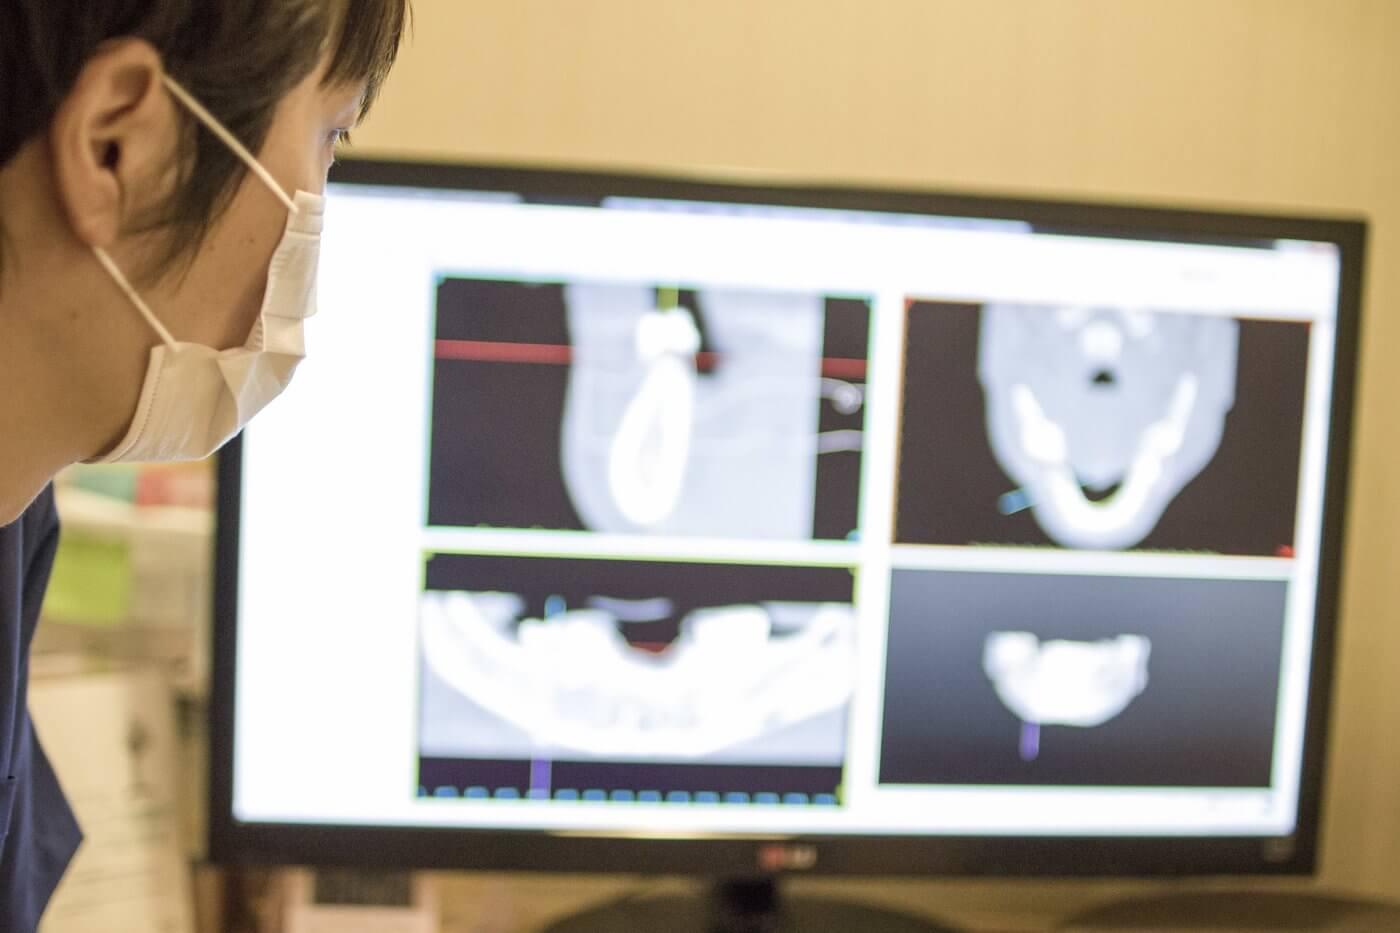 インプラント治療の安全対策をさらに詳しく